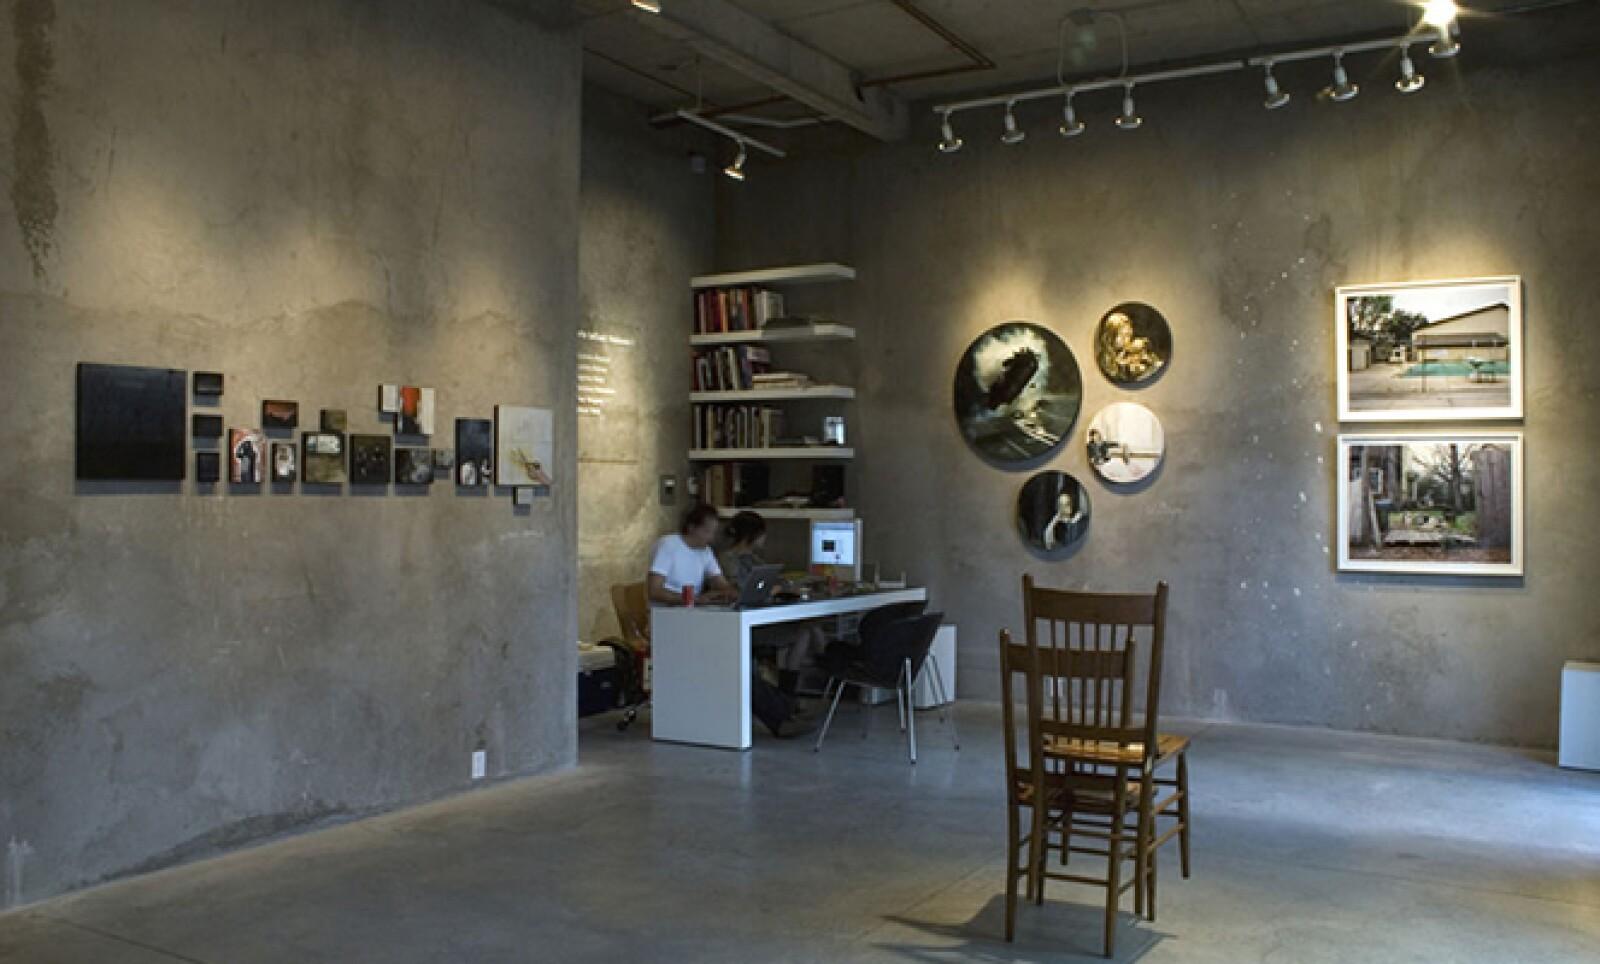 Apoya la carrera de artistas emergentes y ofrece espacio para vincular al público con el arte exhibido.